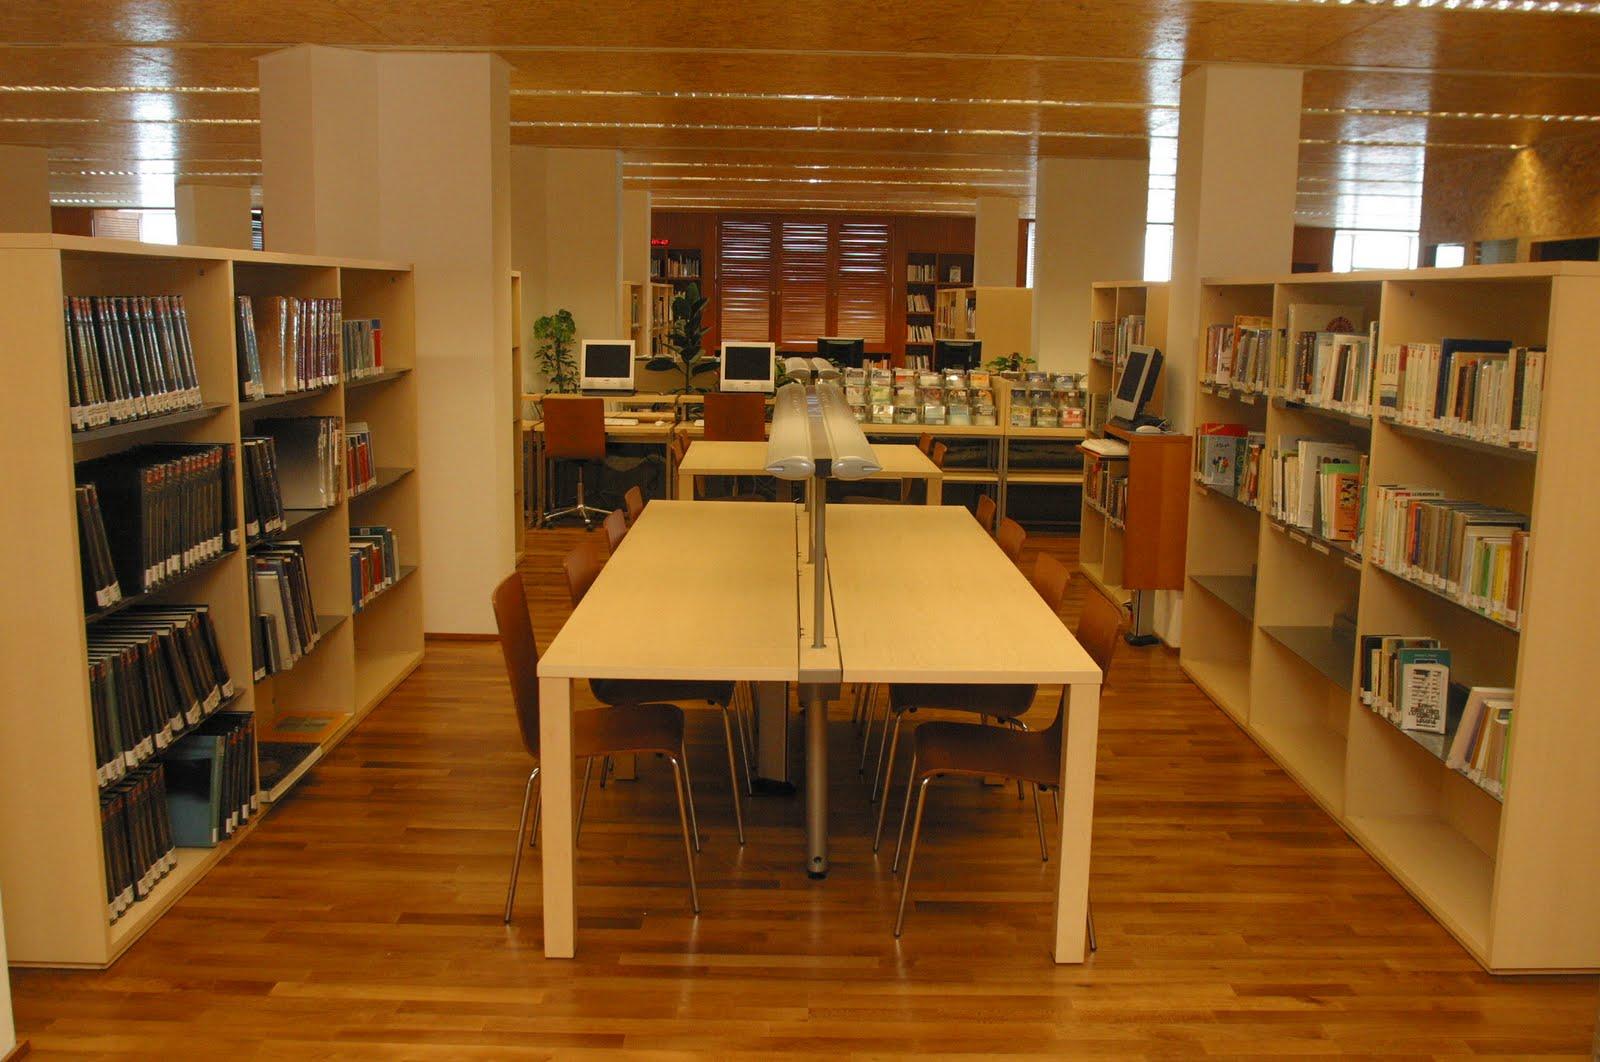 Biblioteca muebles y accesorios 20170729072211 for Bibliotecas muebles